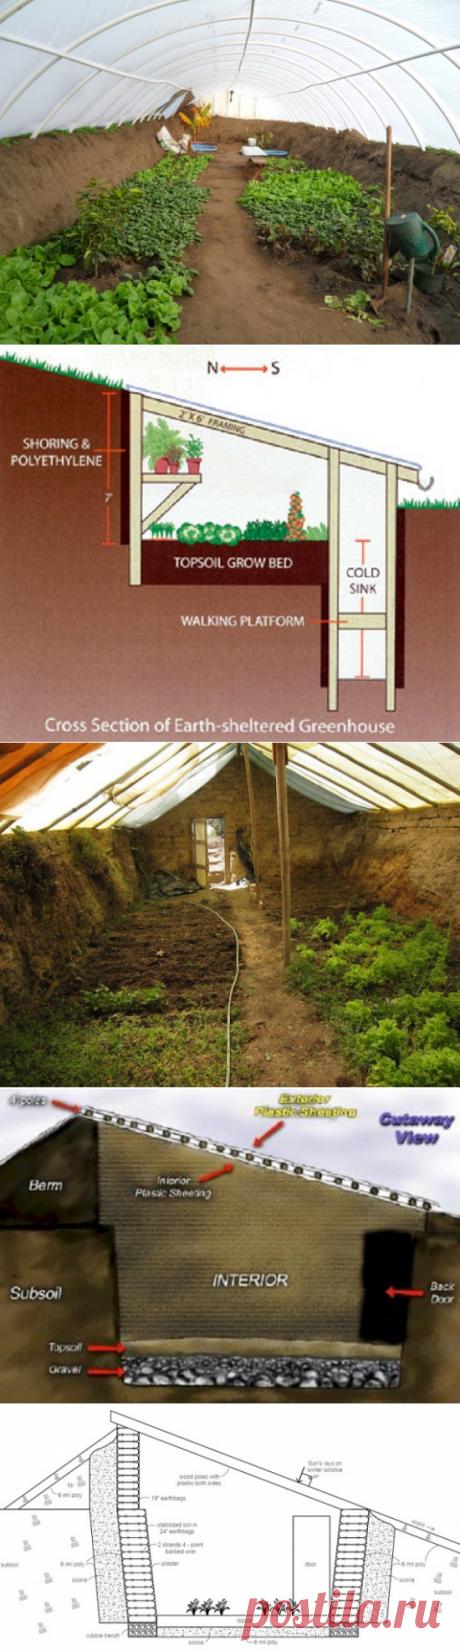 35 подземных теплиц для круглогодичного выращивания — Чудеса в решете